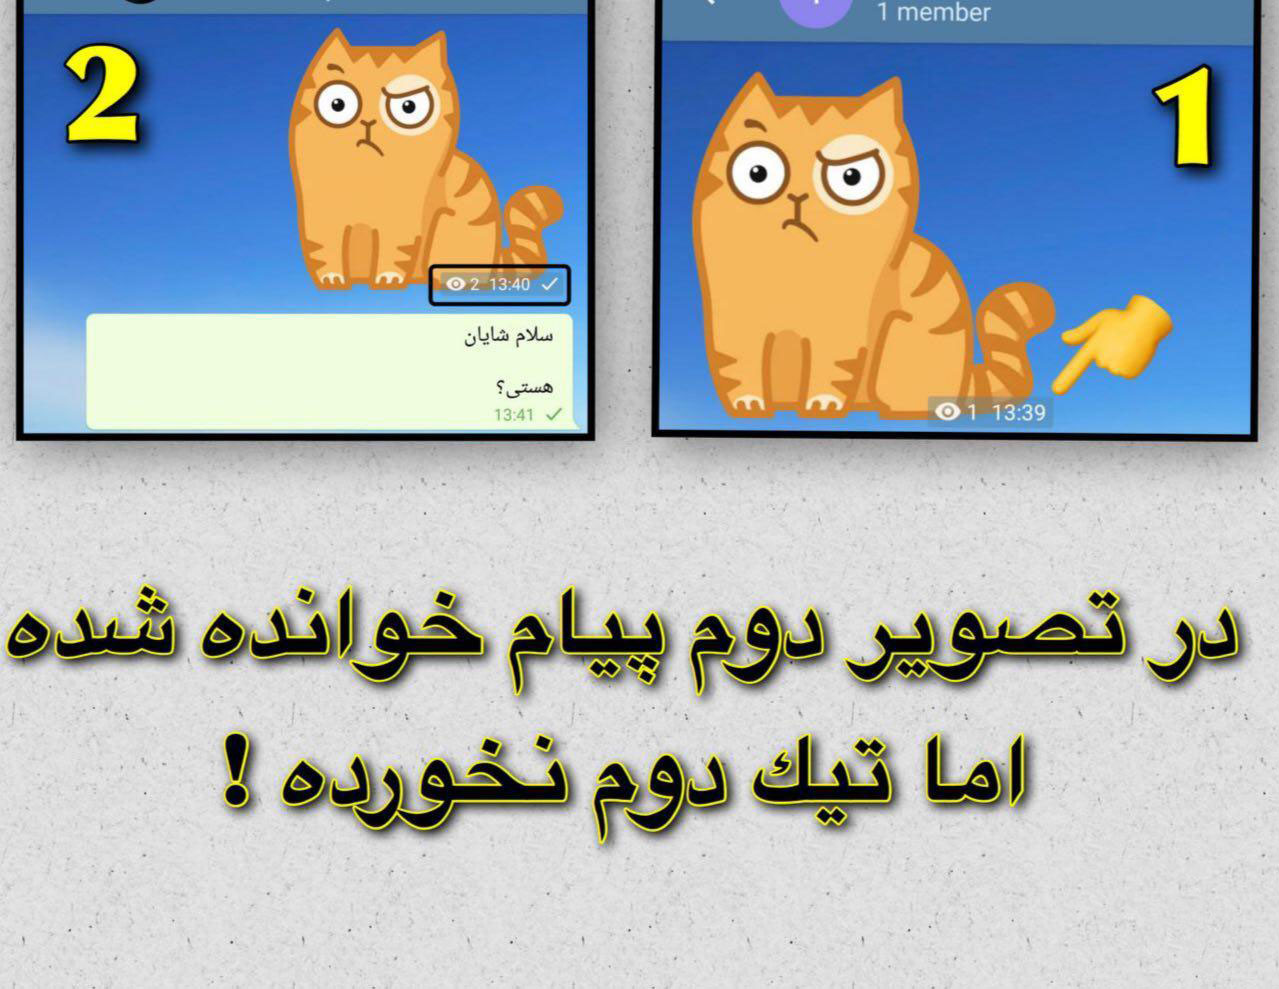 مچ گیری در تلگرام